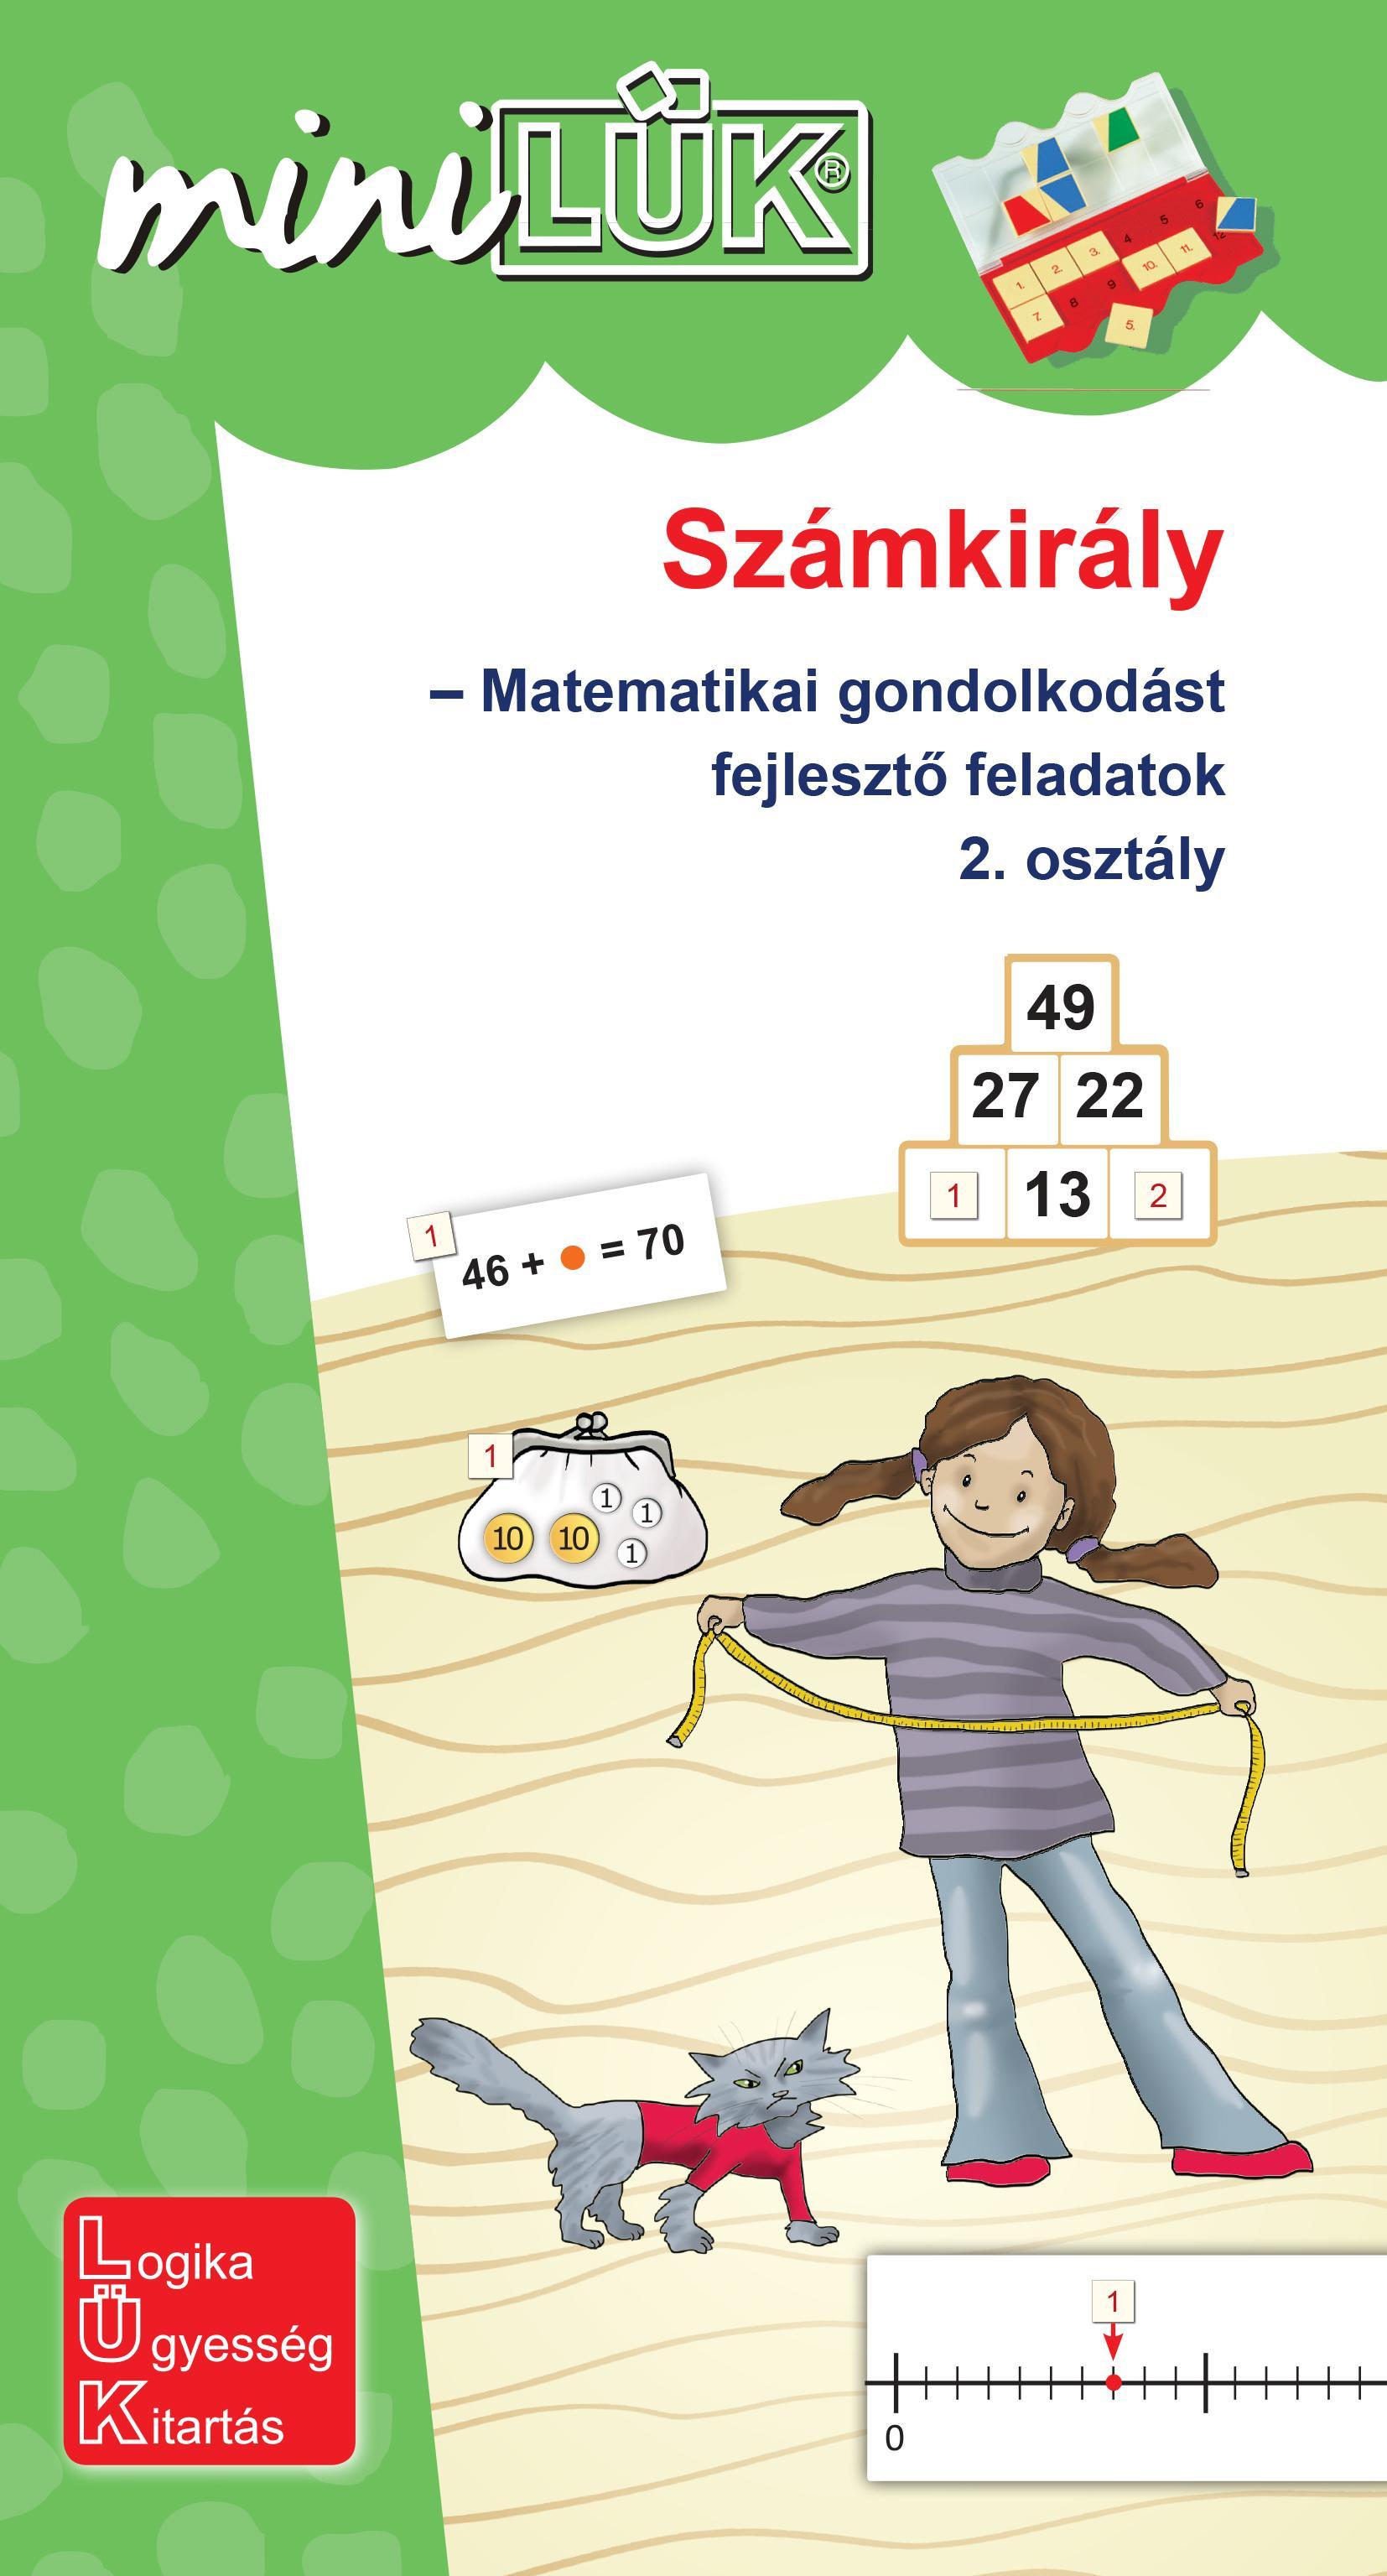 SZÁMKIRÁLY - MATEMATIKAI GONDOLKODÁST FEJLESZTÕ FELADATOK 2. OSZTÁLY - MINILÜK